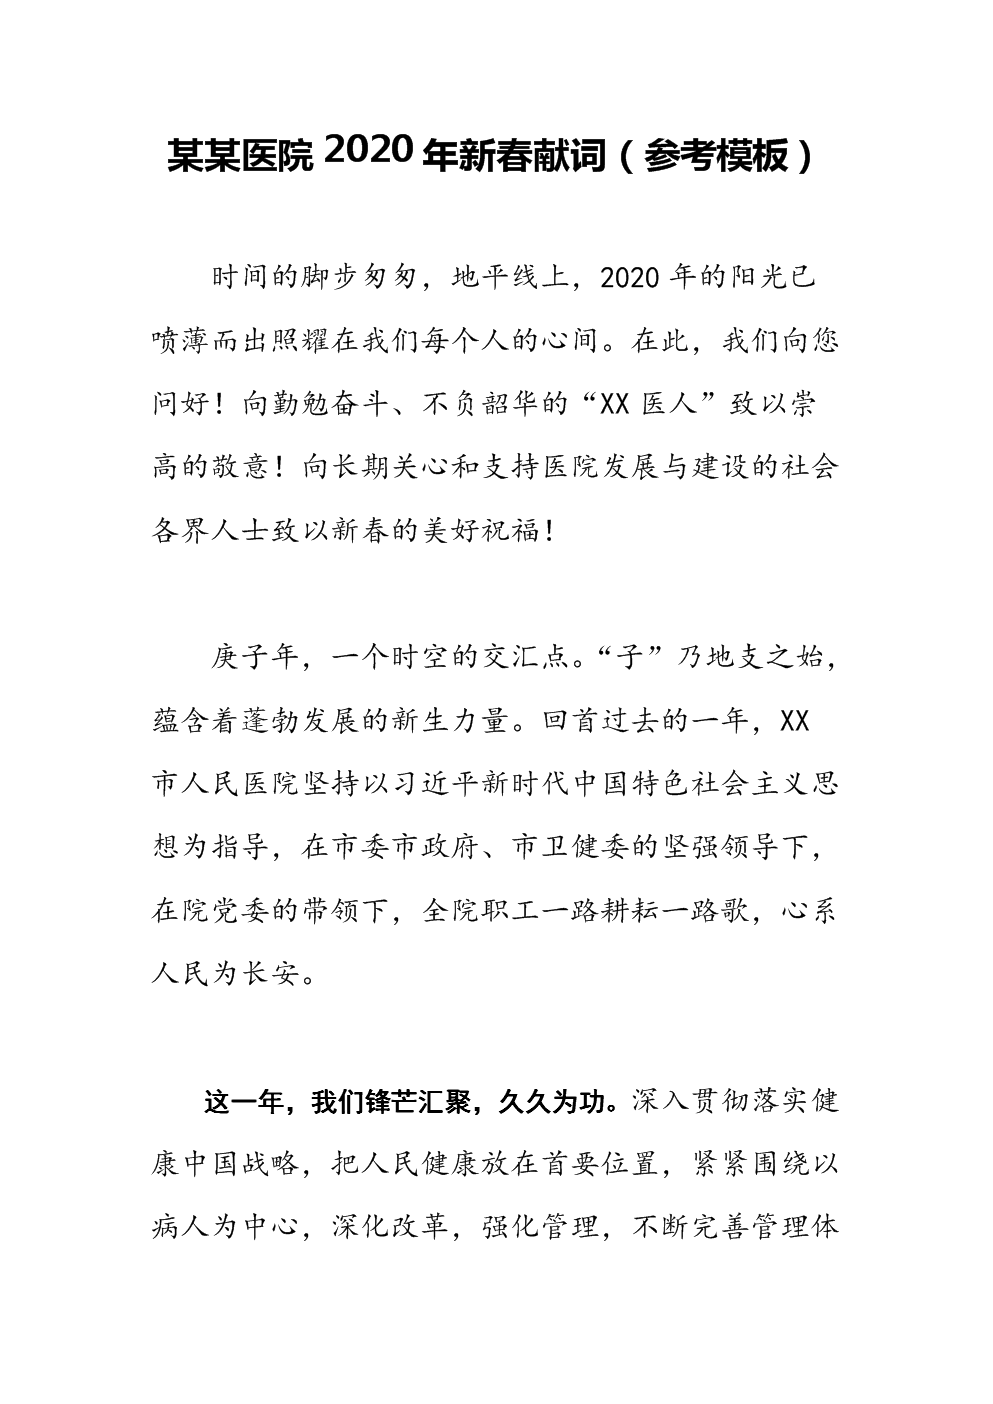 某某医院2020年新春献词(参考模板).doc